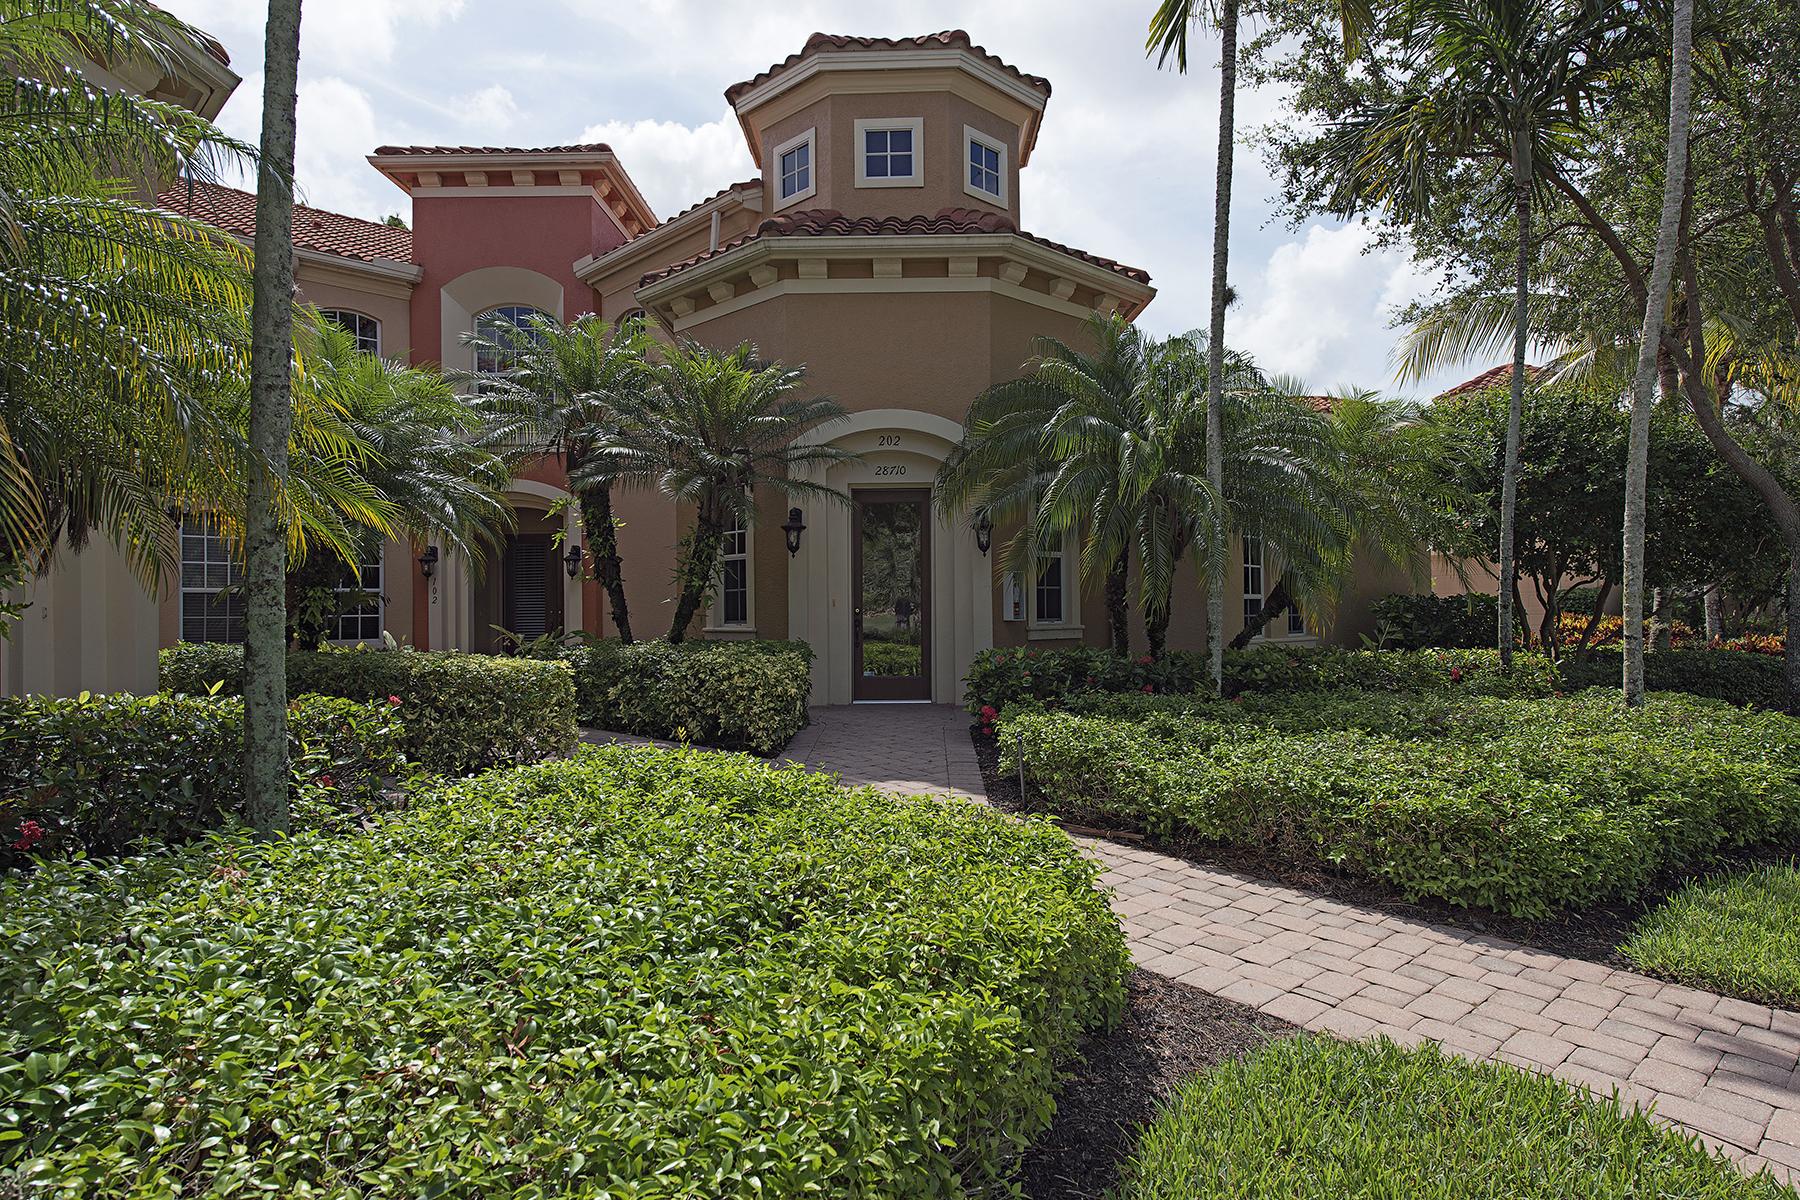 Condominium for Sale at VASARI - ALTESSA 28710 Altessa Way 202 Bonita Springs, Florida, 34135 United States